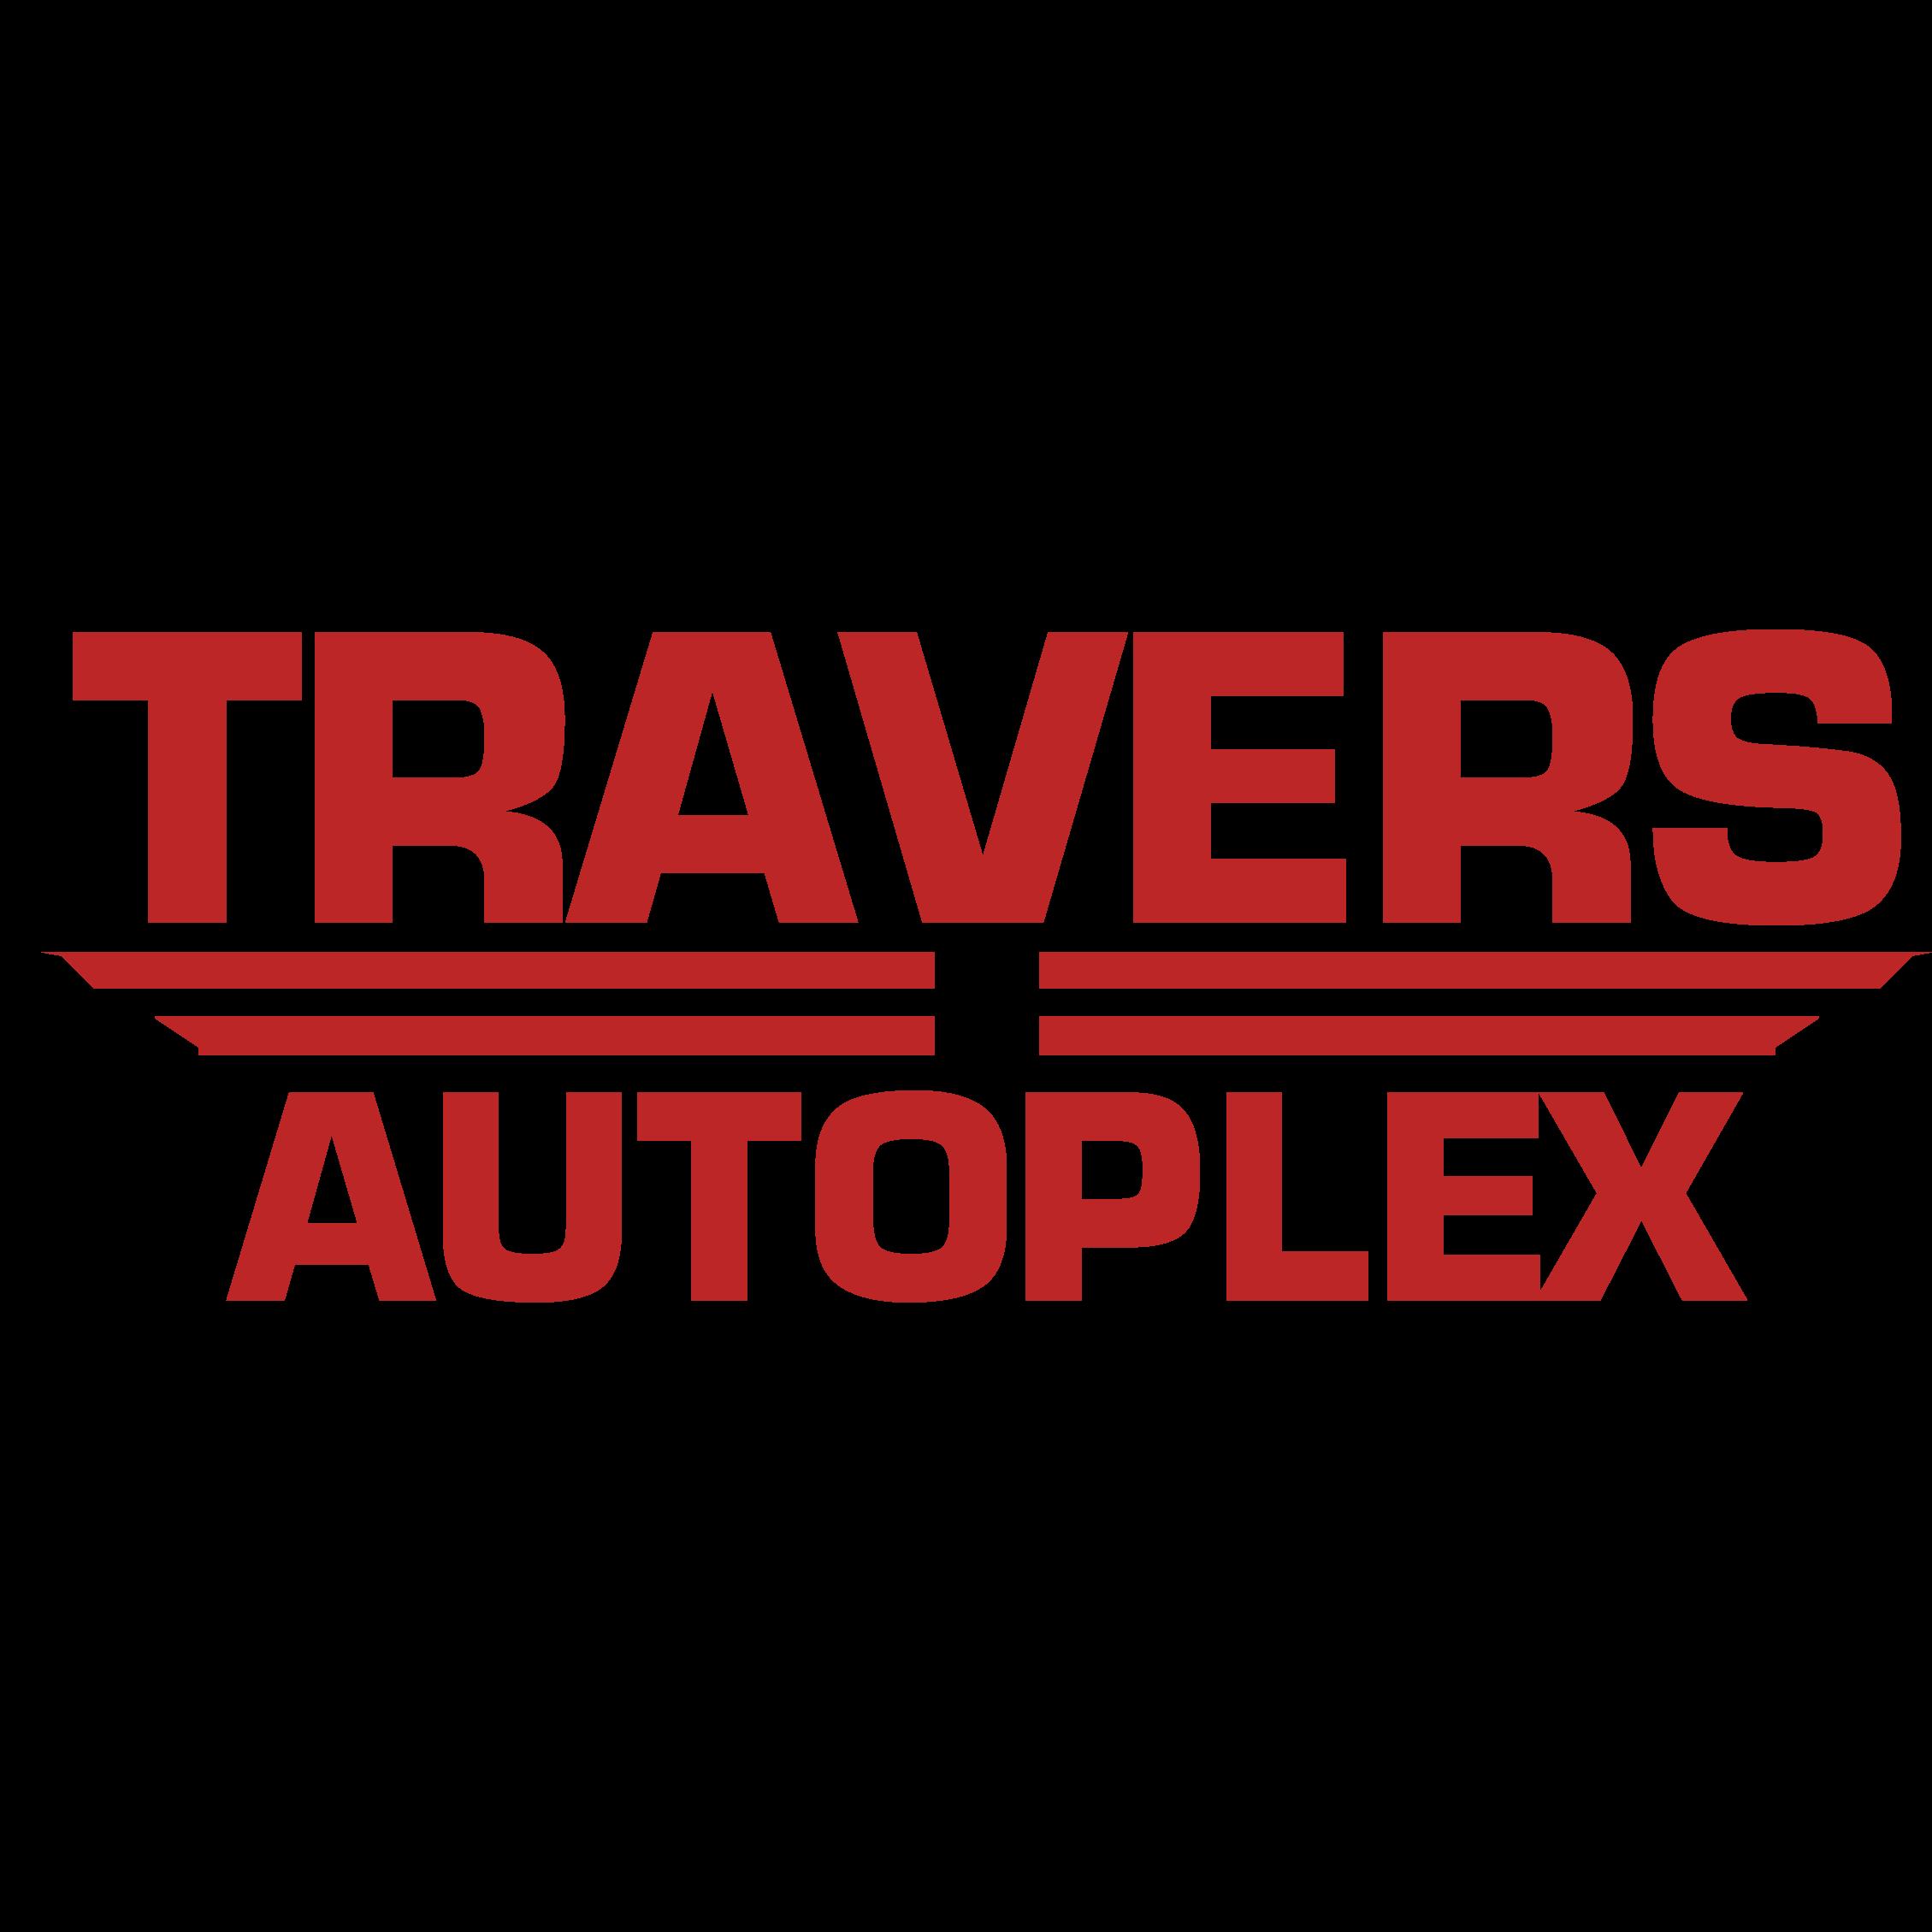 Travers Autoplex image 14